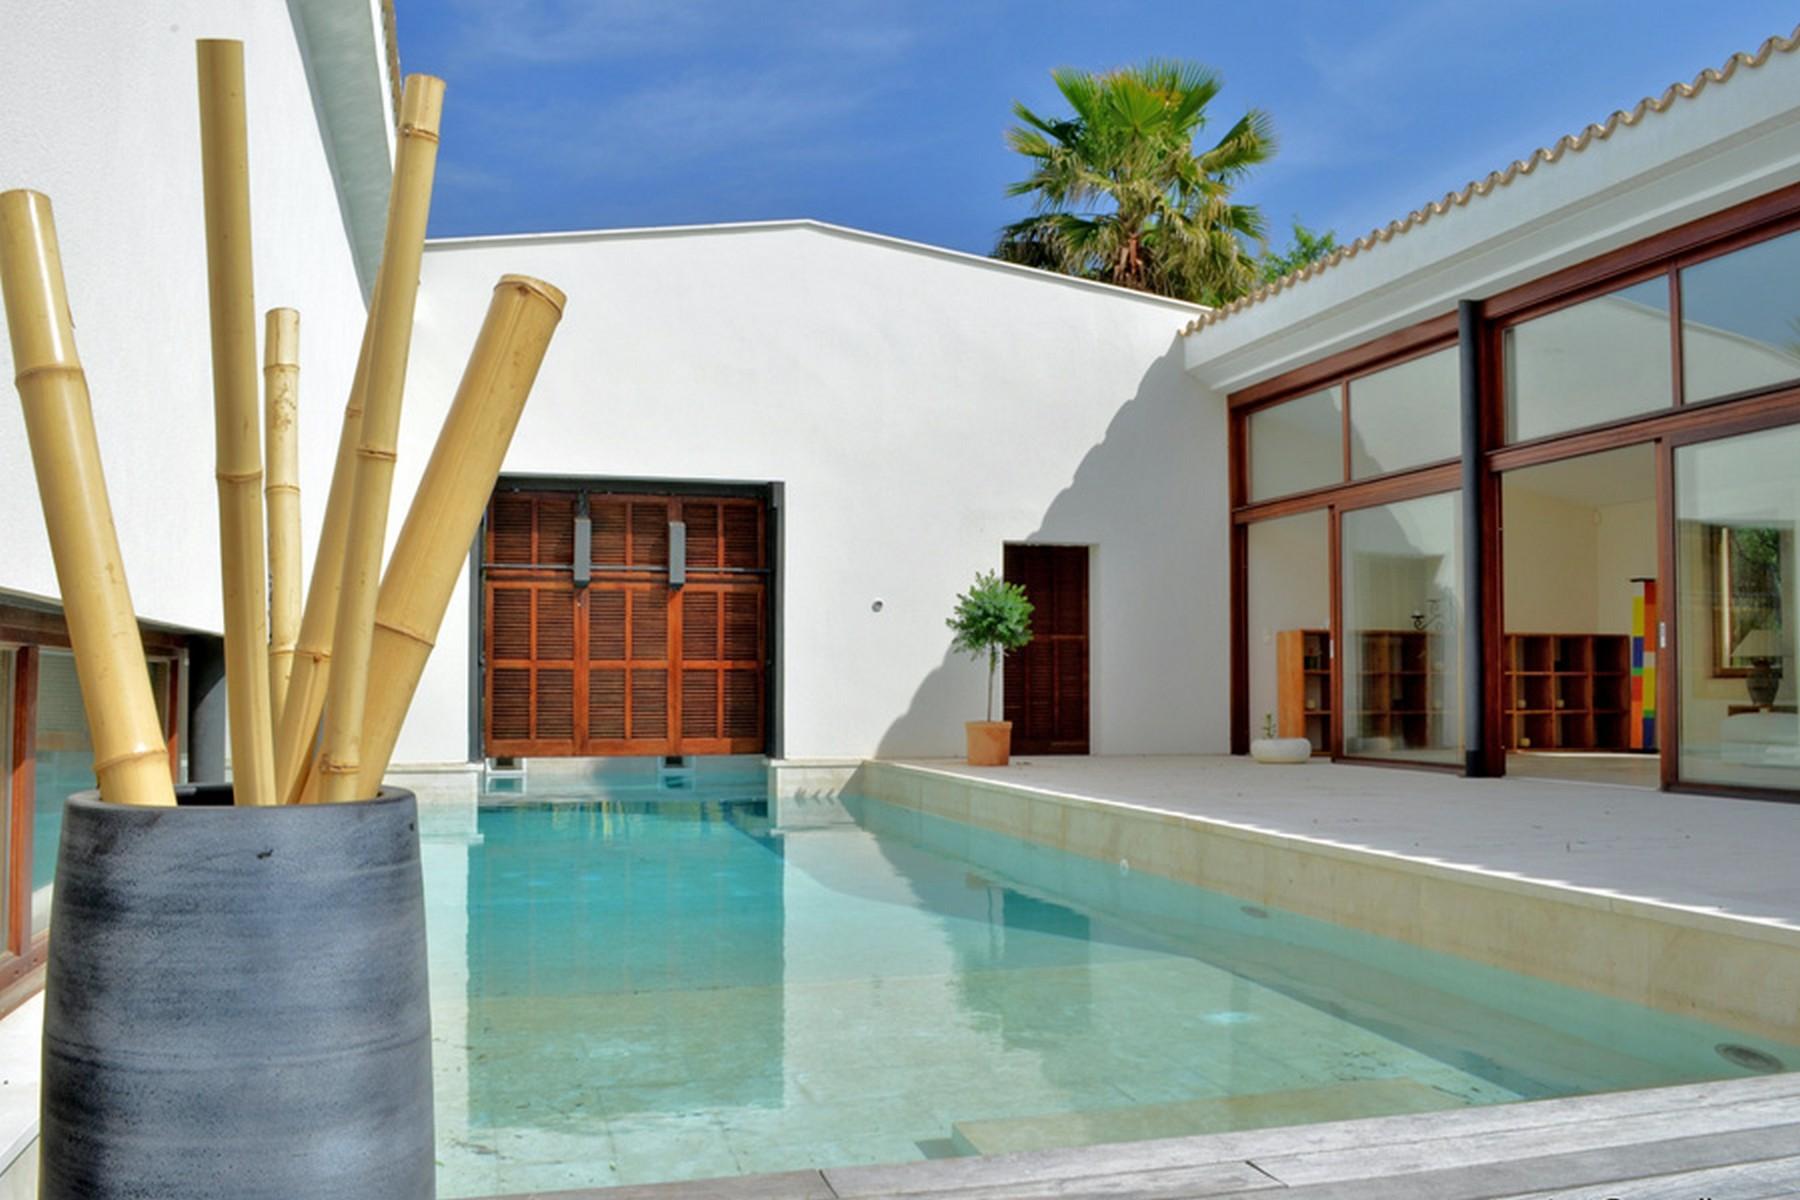 단독 가정 주택 용 매매 에 Villa in Santa Margalida Alcudia, 말로카, 07570 스페인